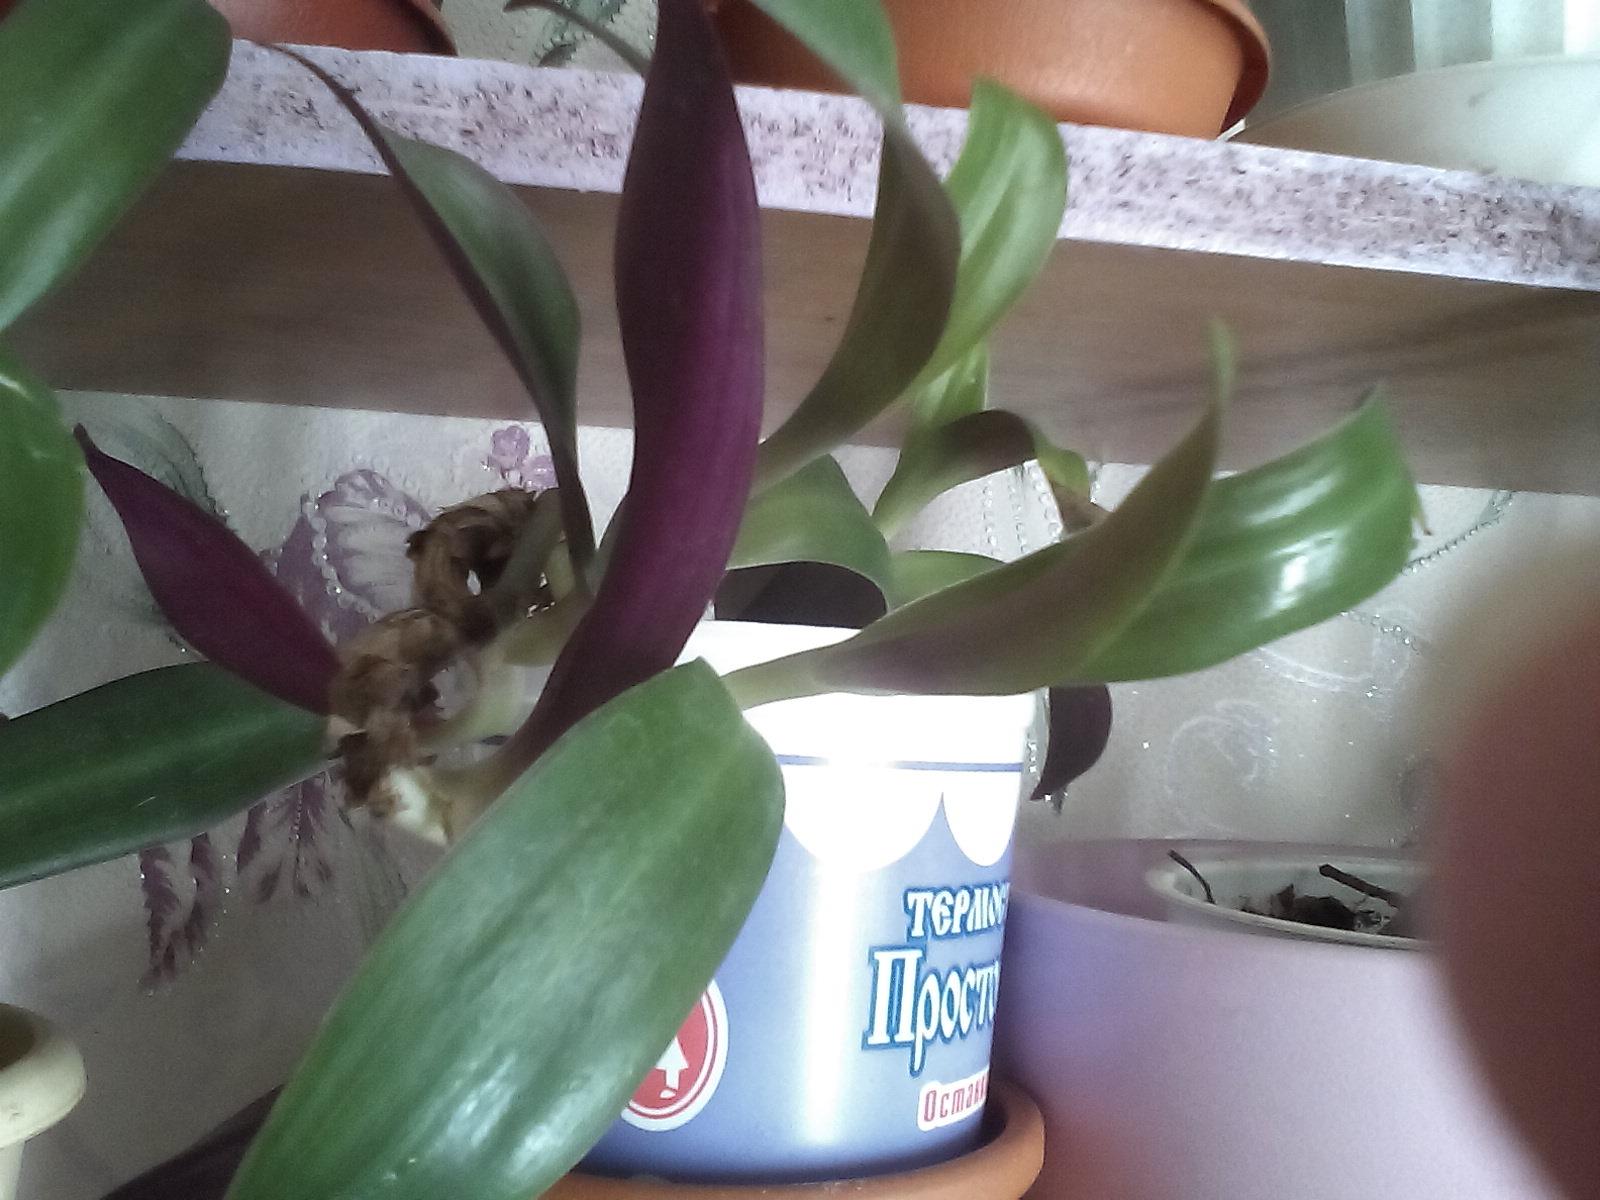 Рэо в стаканчиках. Растения комнатные